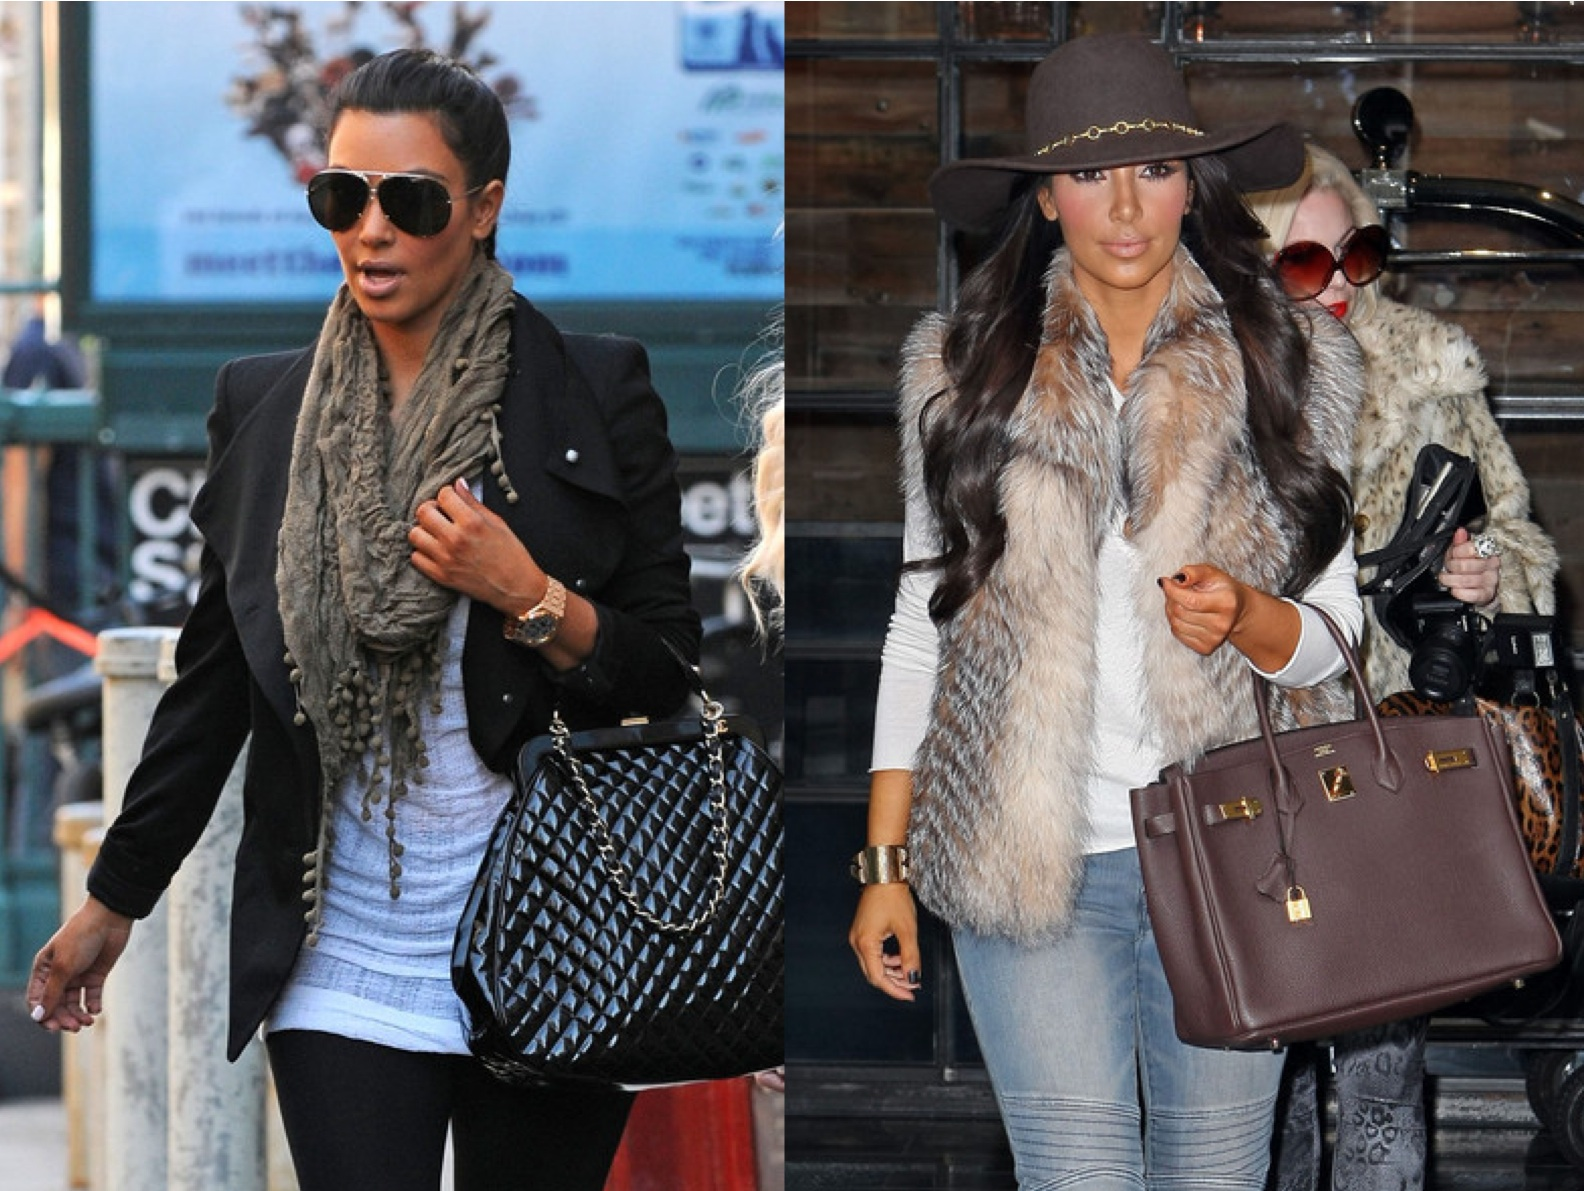 http://1.bp.blogspot.com/-K5gtupECz9s/UKqqB-u58aI/AAAAAAAAA9s/T4_GTn5_KiA/s1600/la+modella+mafia+kim+kardashian+style+0.jpg